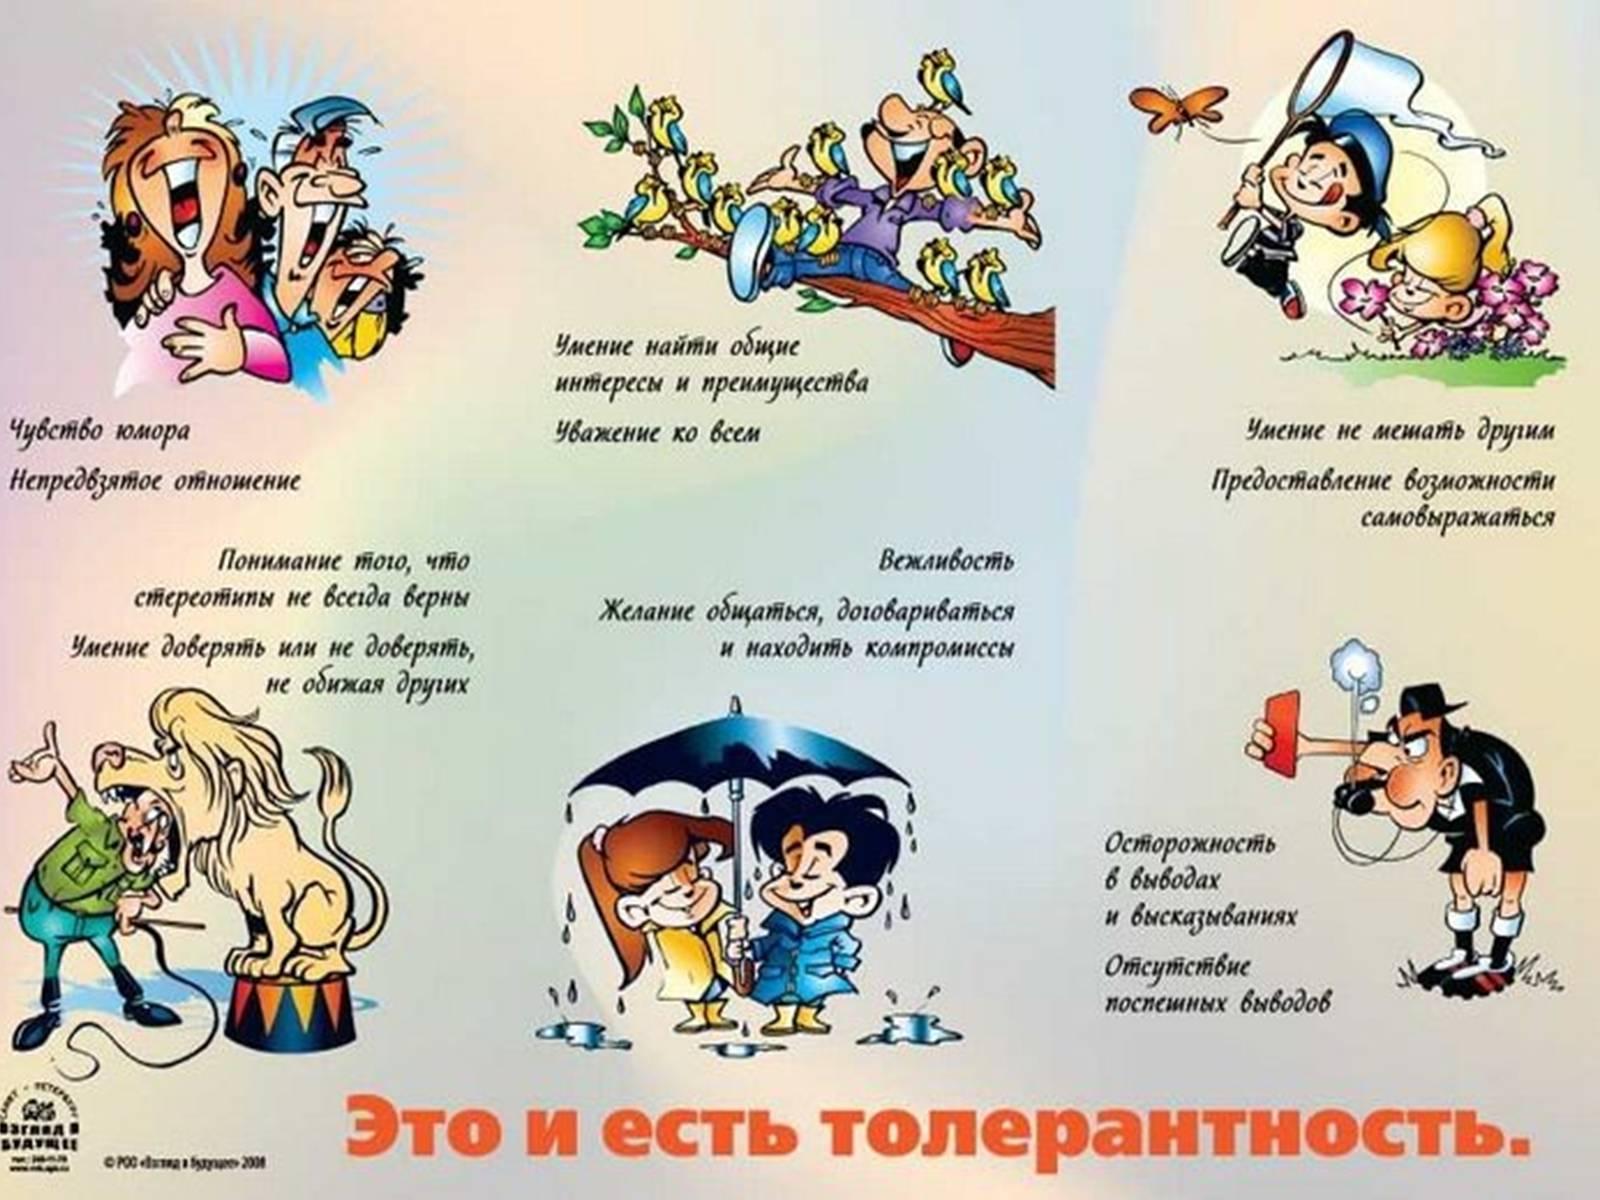 Сценарии по толерантности для детей